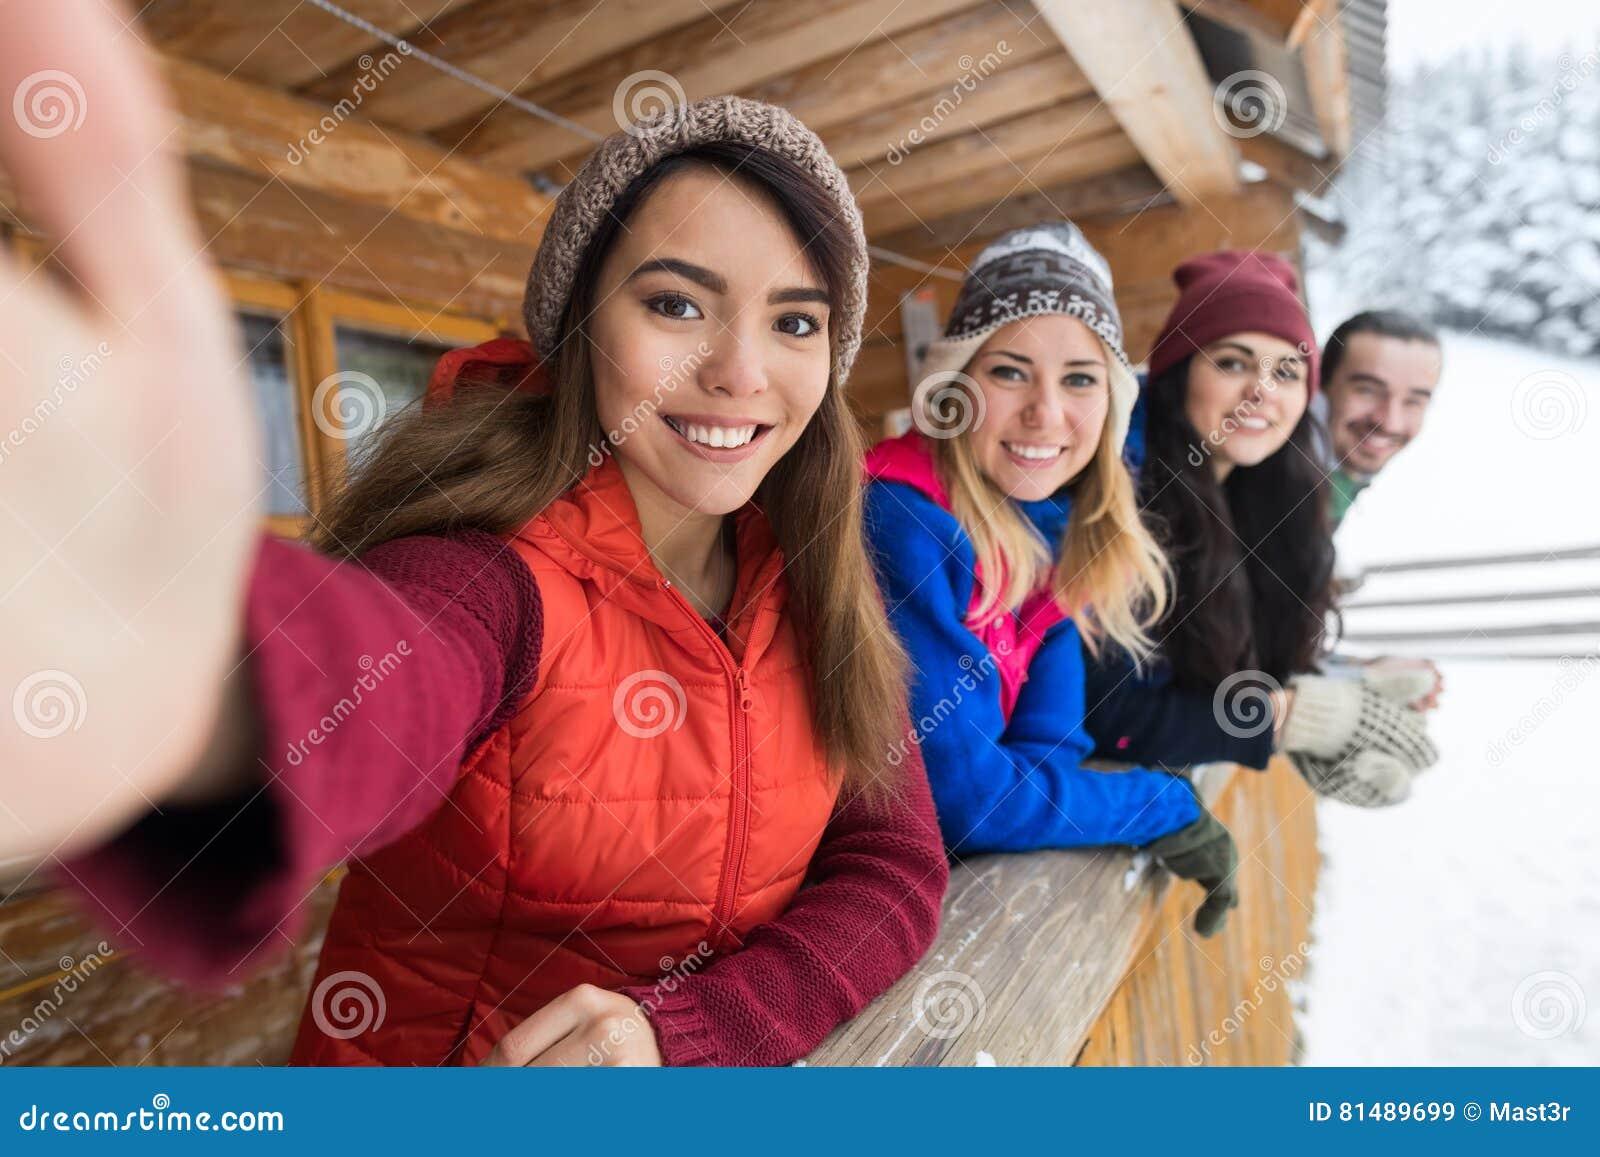 La gente agrupa tomar a foto de Selfie el teléfono elegante centro turístico de montaña de madera de la nieve del invierno de la